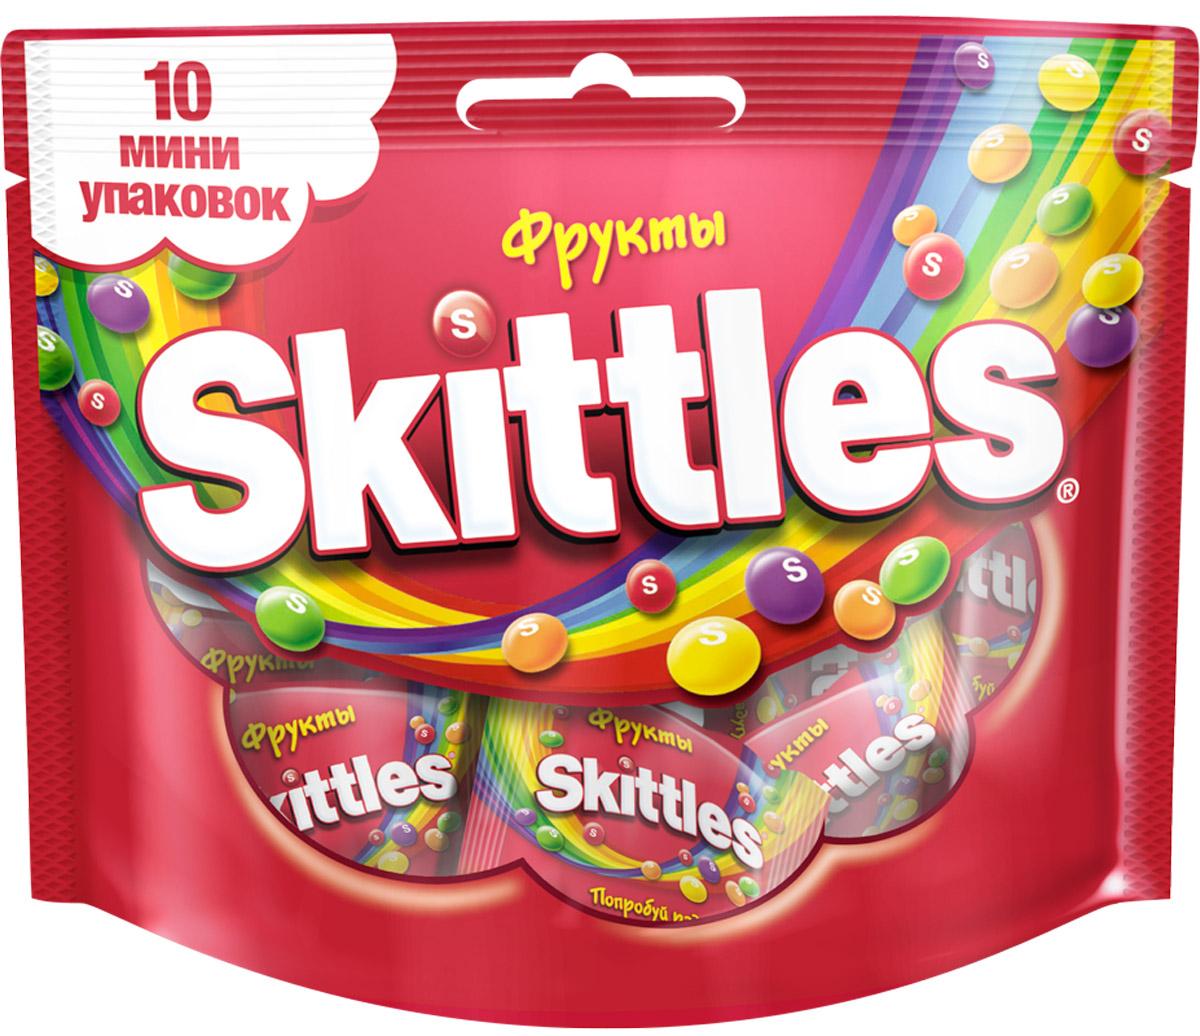 Skittles Фрукты драже в сахарной глазури, 10 пачек по 12 г0120710Жевательные конфеты Skittles c разноцветной глазурью предлагают радугу фруктовых вкусов в каждой упаковке!Конфеты с ароматами лимона, лайма, апельсина, клубники и черной смородины: заразитесь радугой, попробуйте радугу!